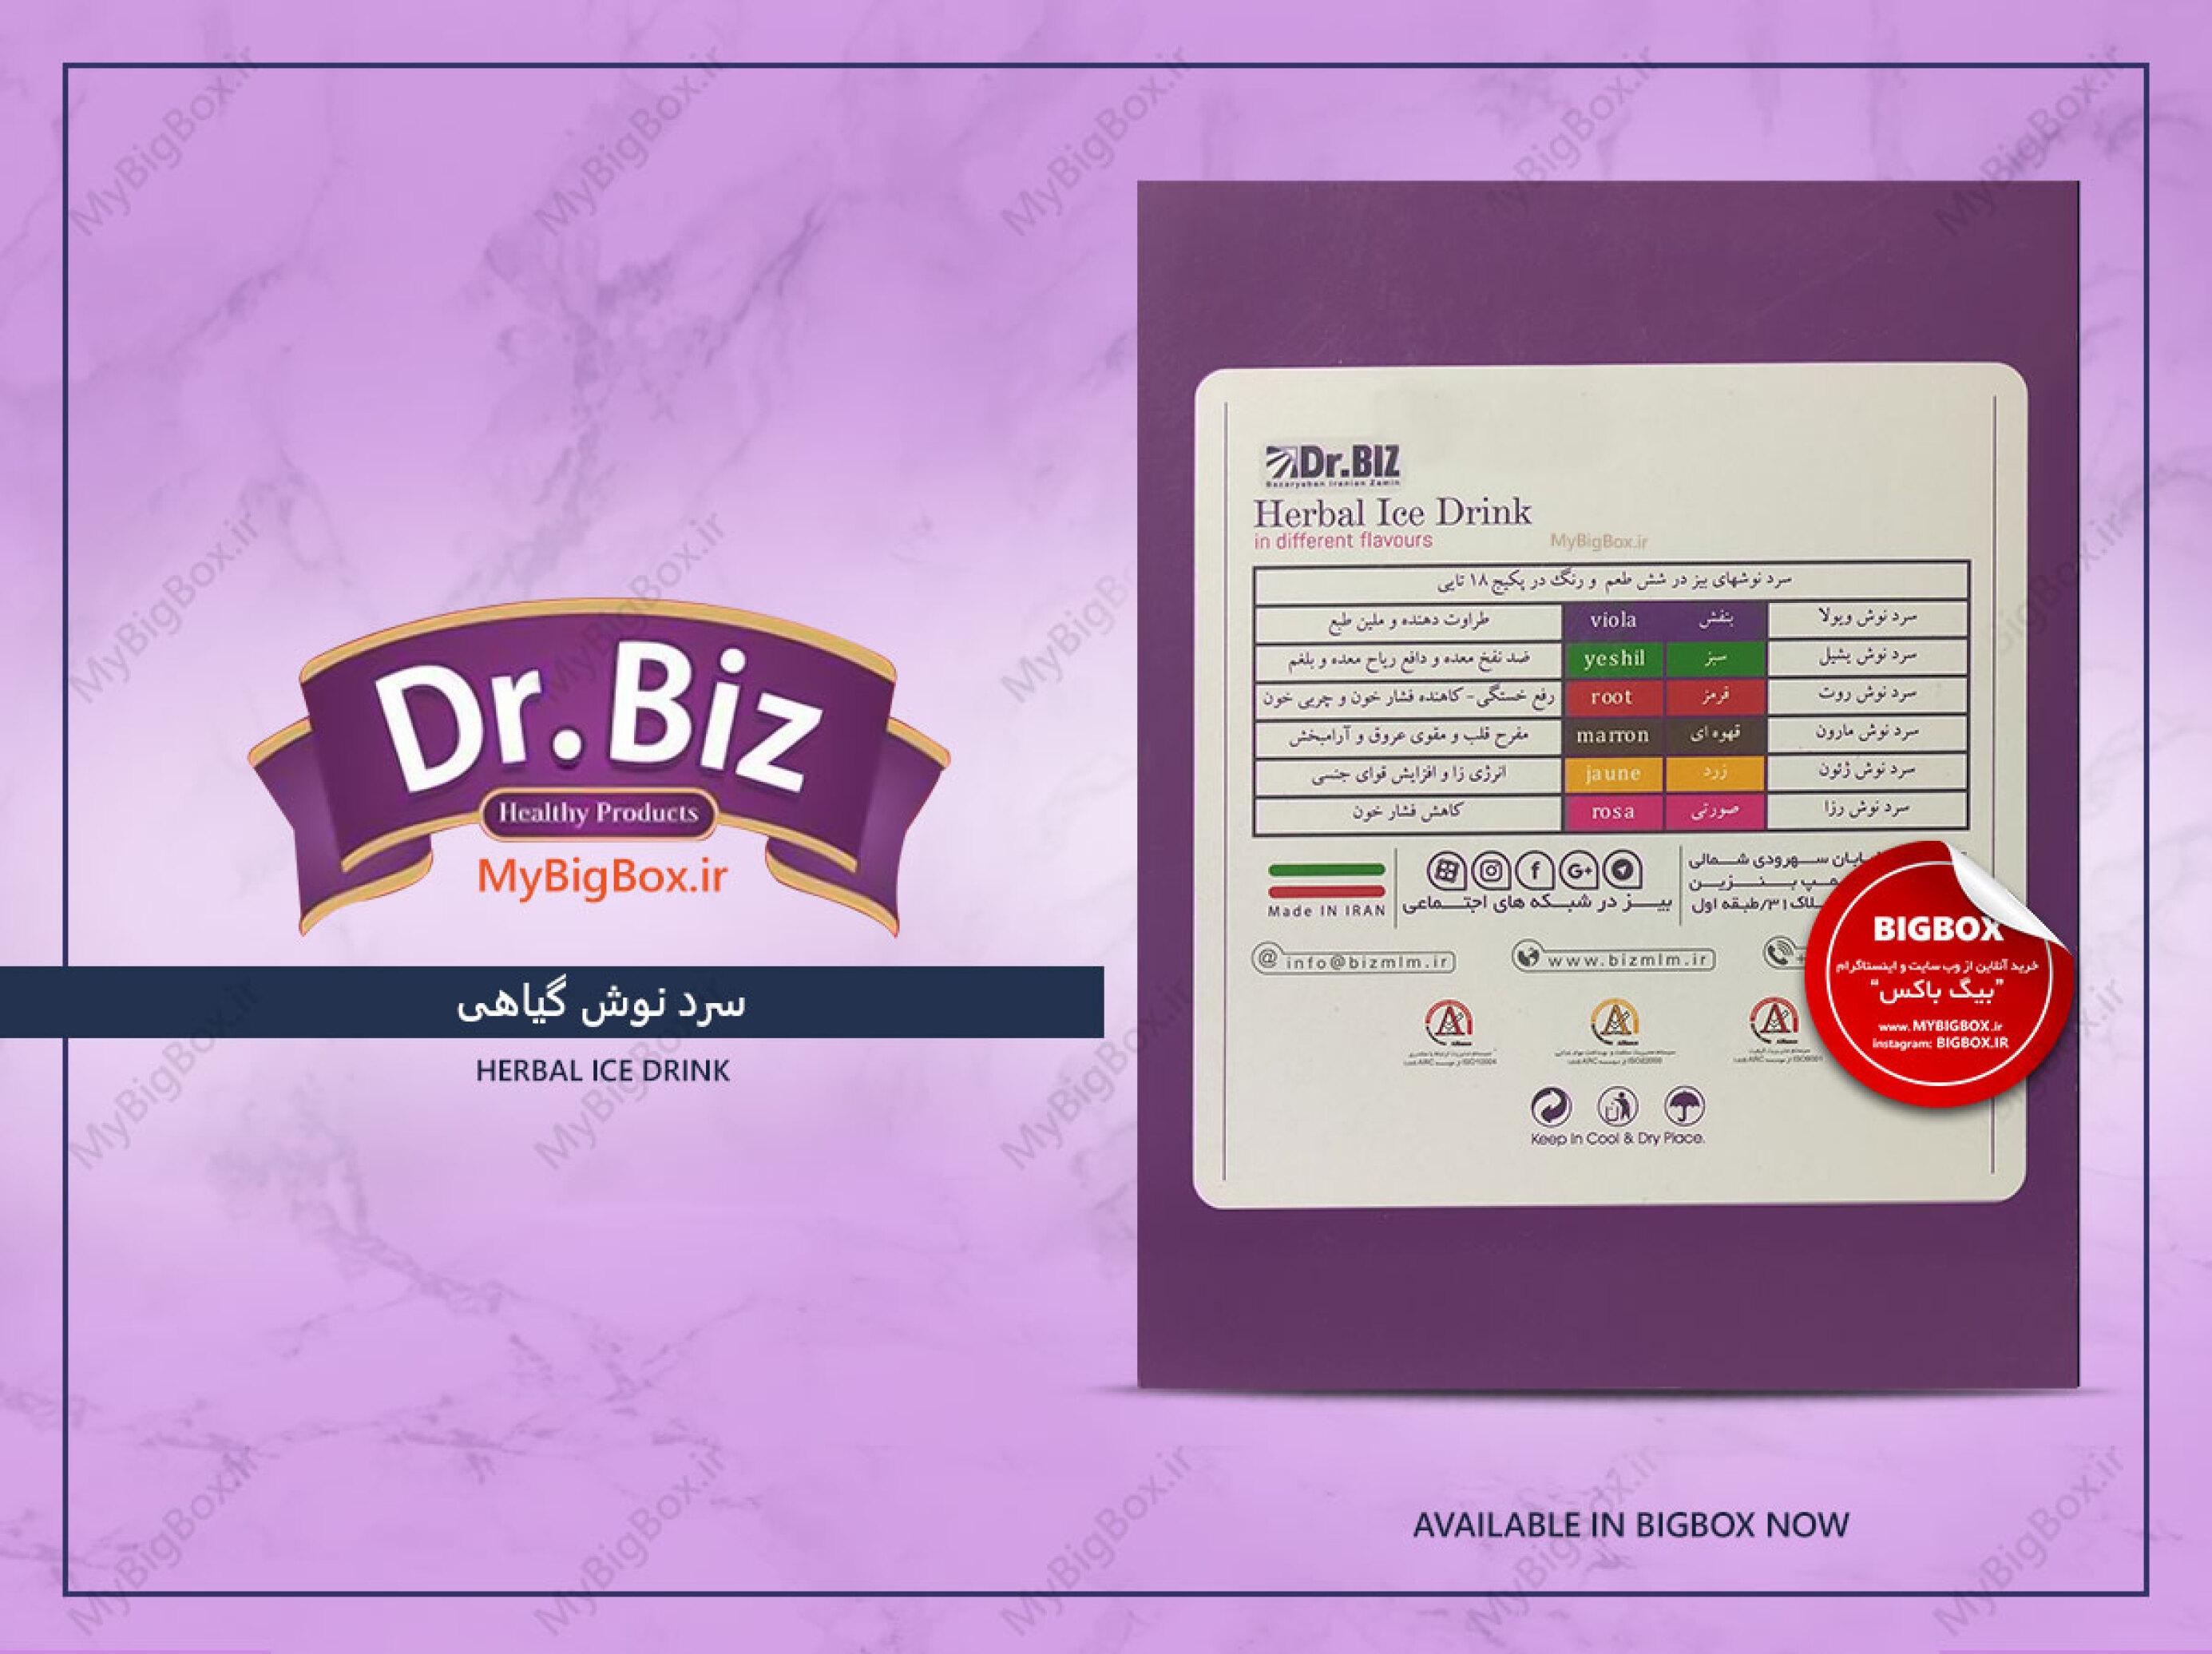 نوشیدنی های گیاهی دمنوش های گیاهی دکتر بیز Dr.biz Herbal Ice tea